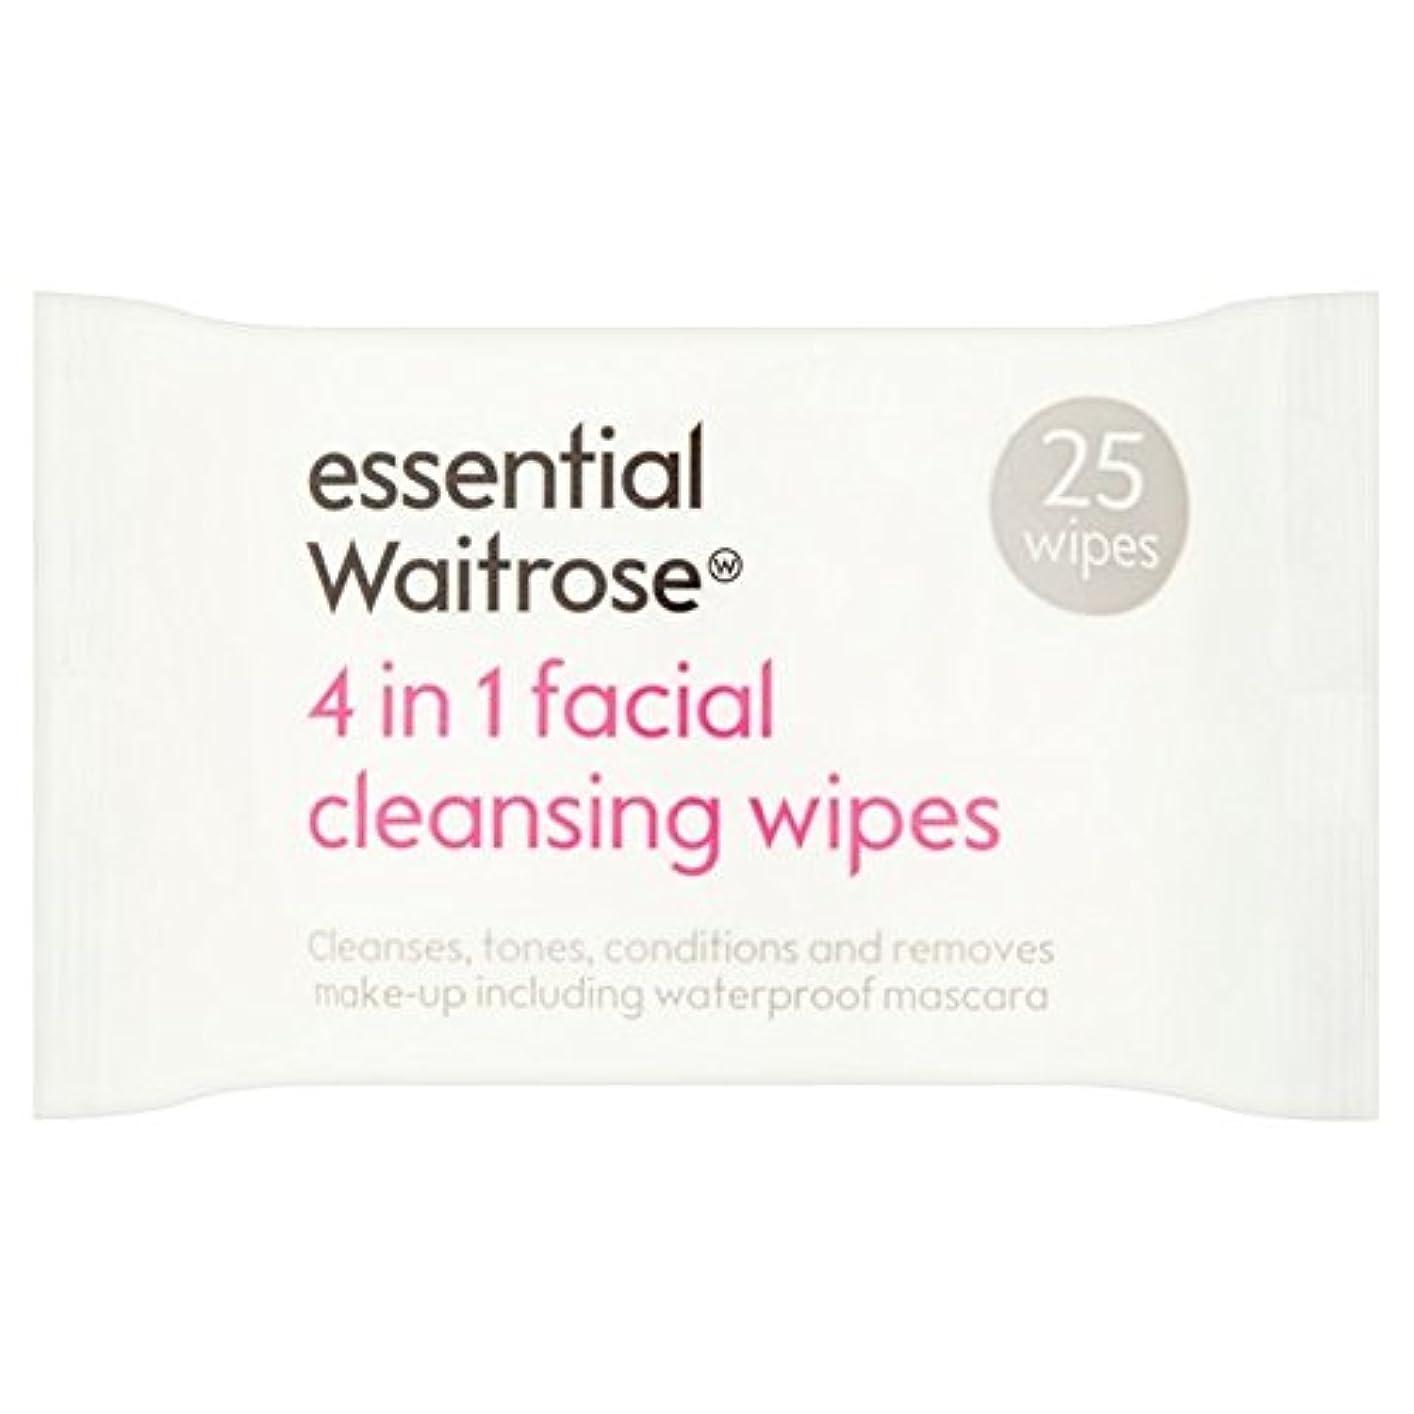 エミュレートする一握り最大3 in 1 Facial Wipes essential Waitrose 25 per pack (Pack of 6) - 3 1での顔のワイプパックあたり不可欠ウェイトローズ25 x6 [並行輸入品]